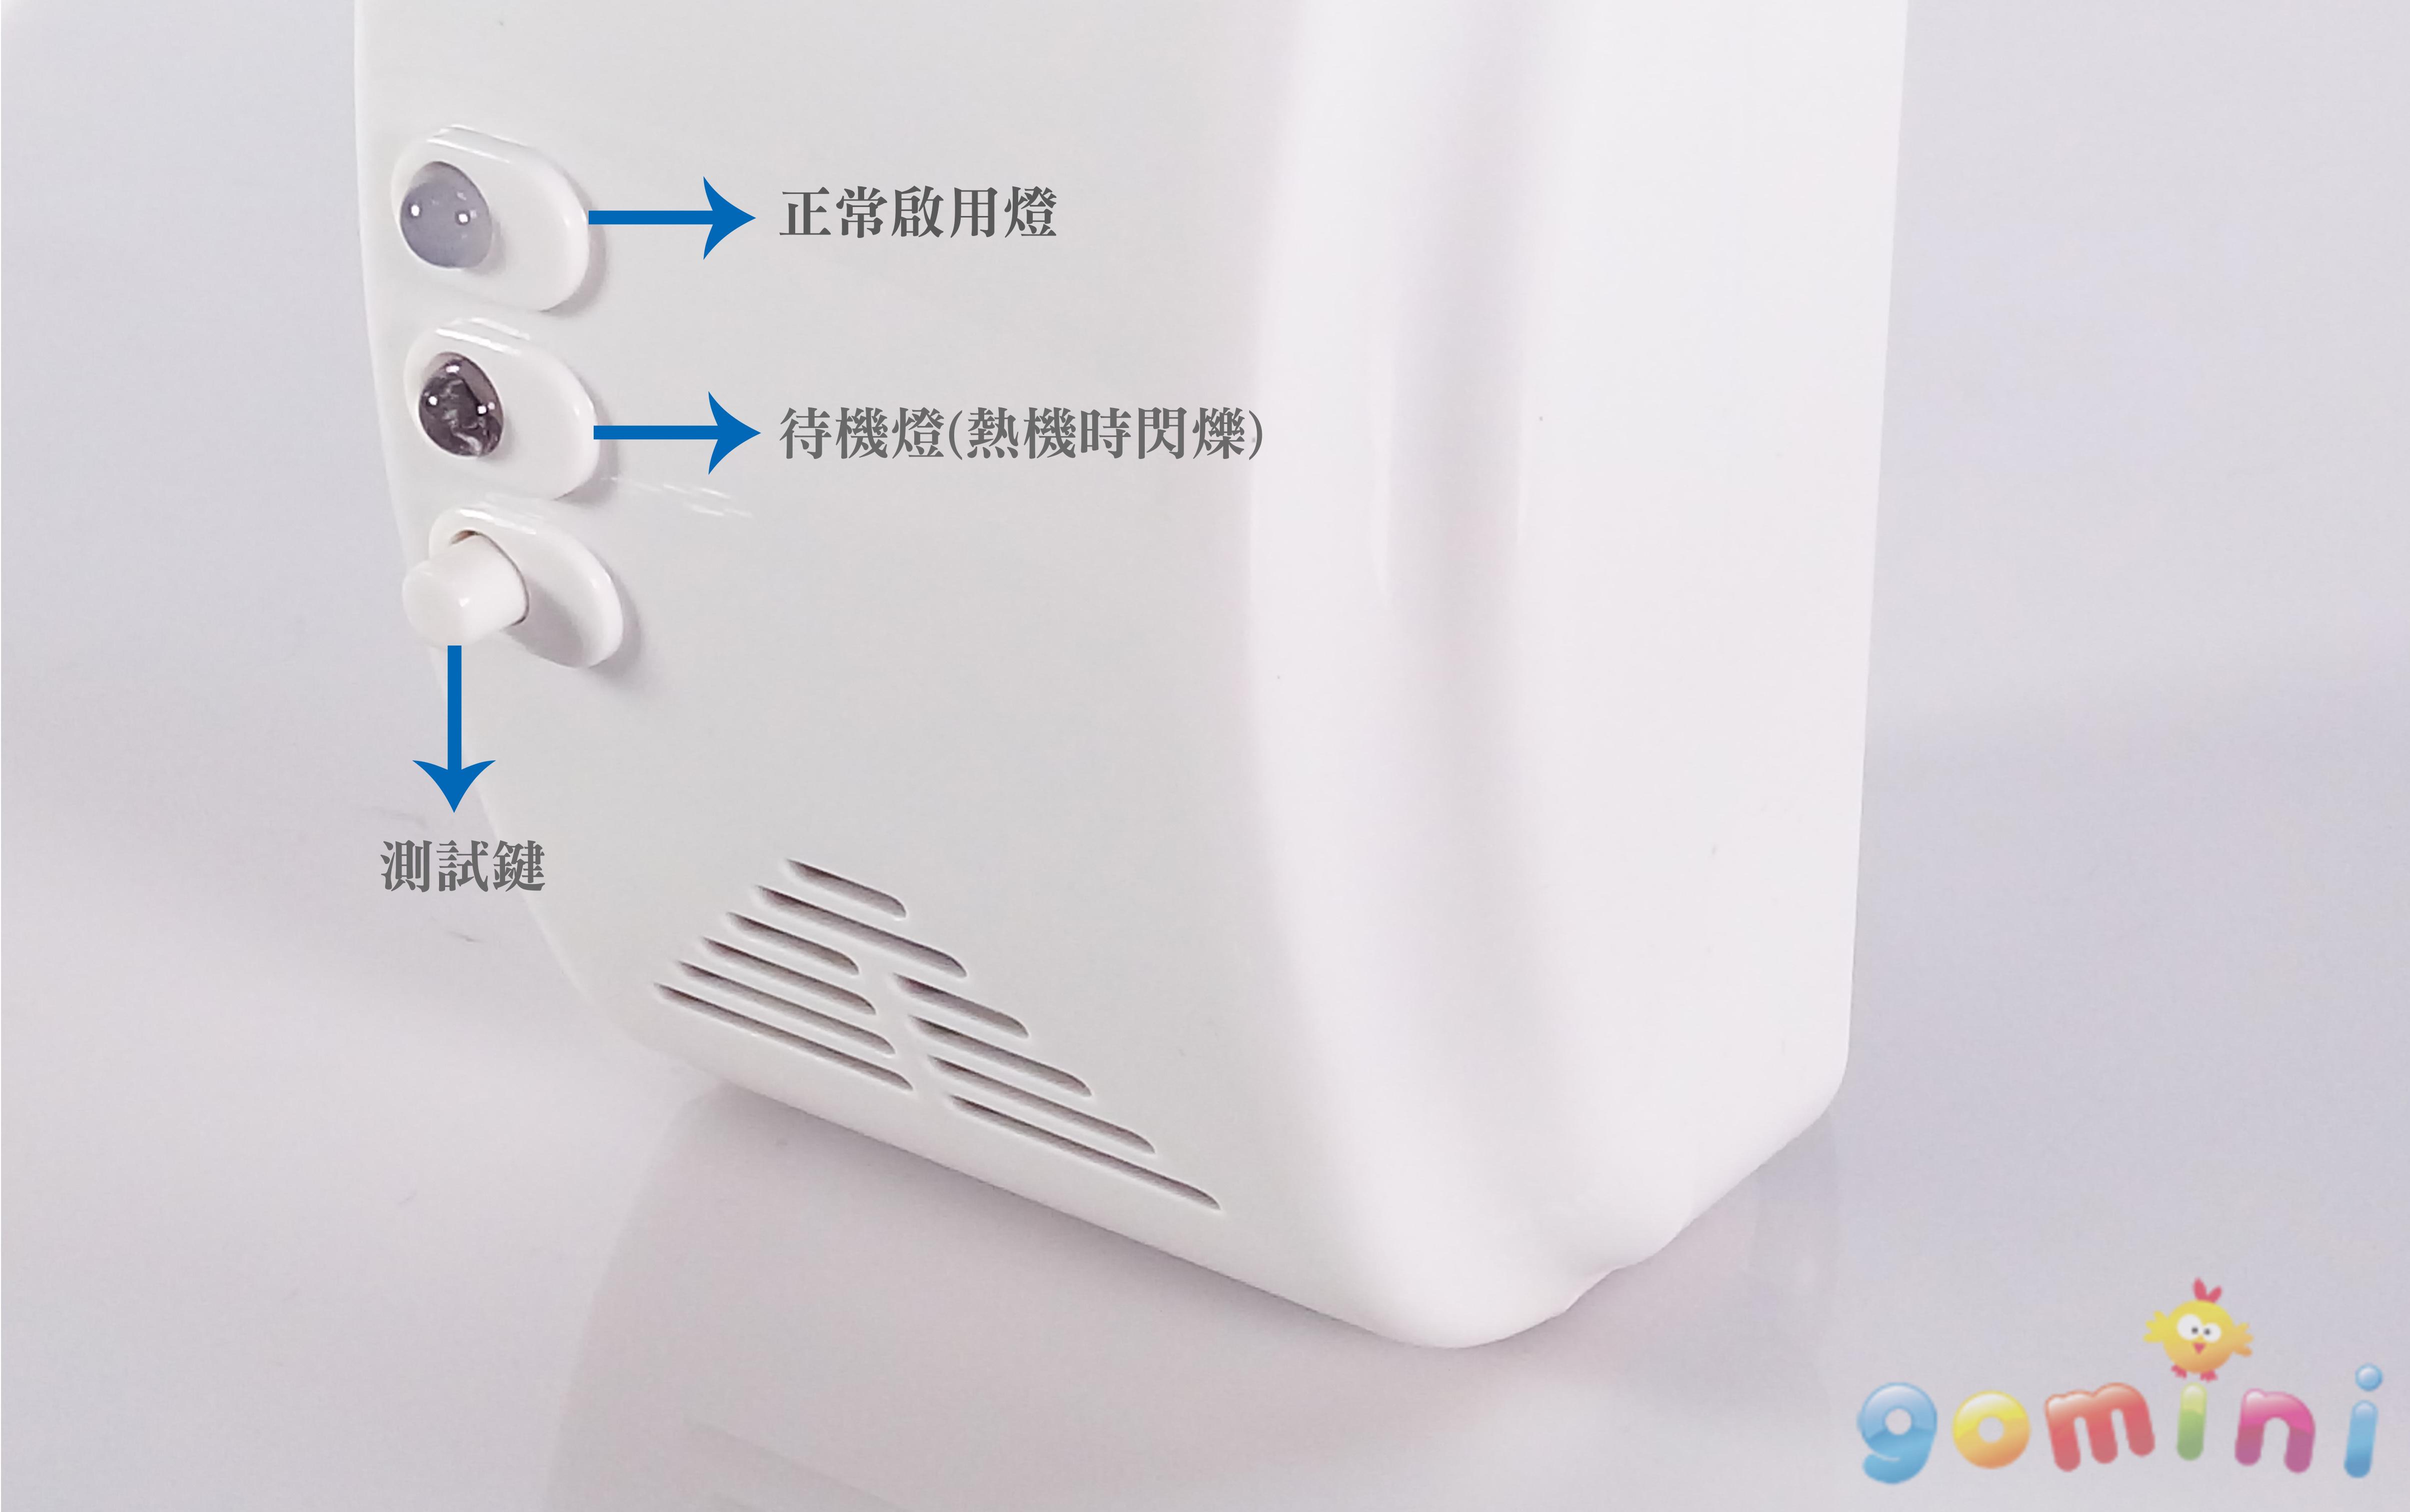 瓦斯偵測器(下方特寫).jpg